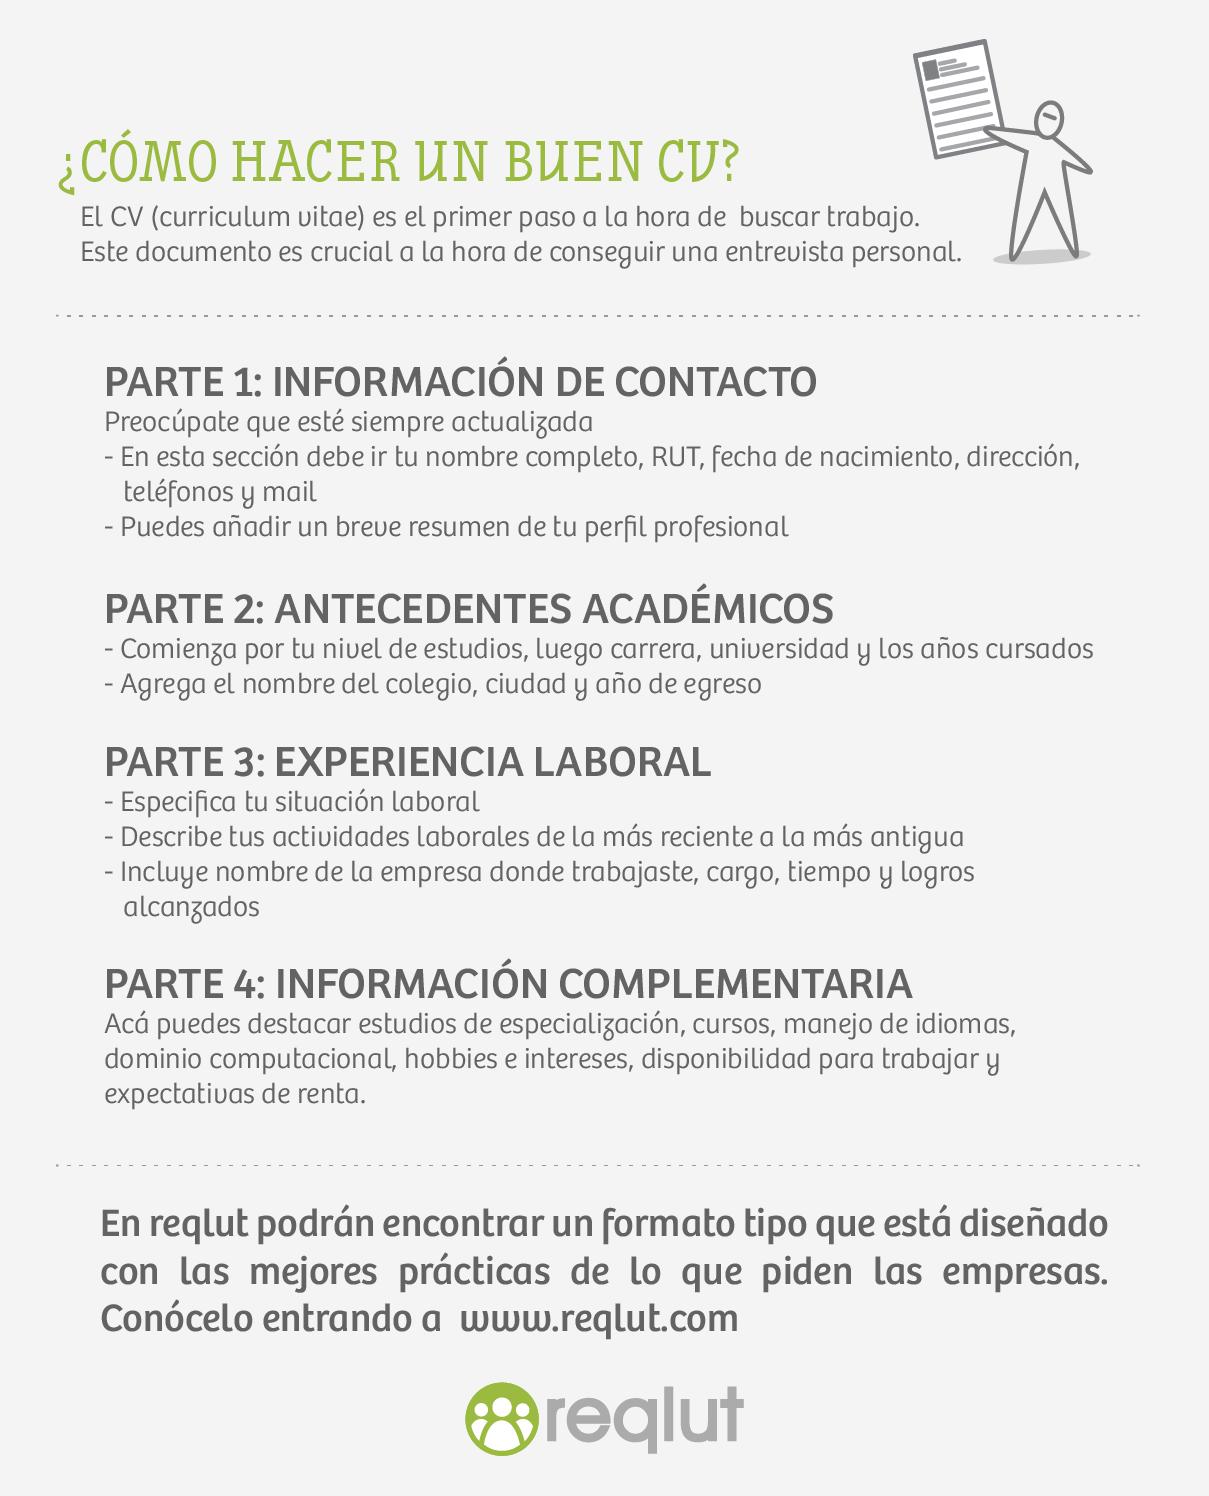 Cómo hacer un buen CV? #Currículum #CV | Consejos #reqlut ...